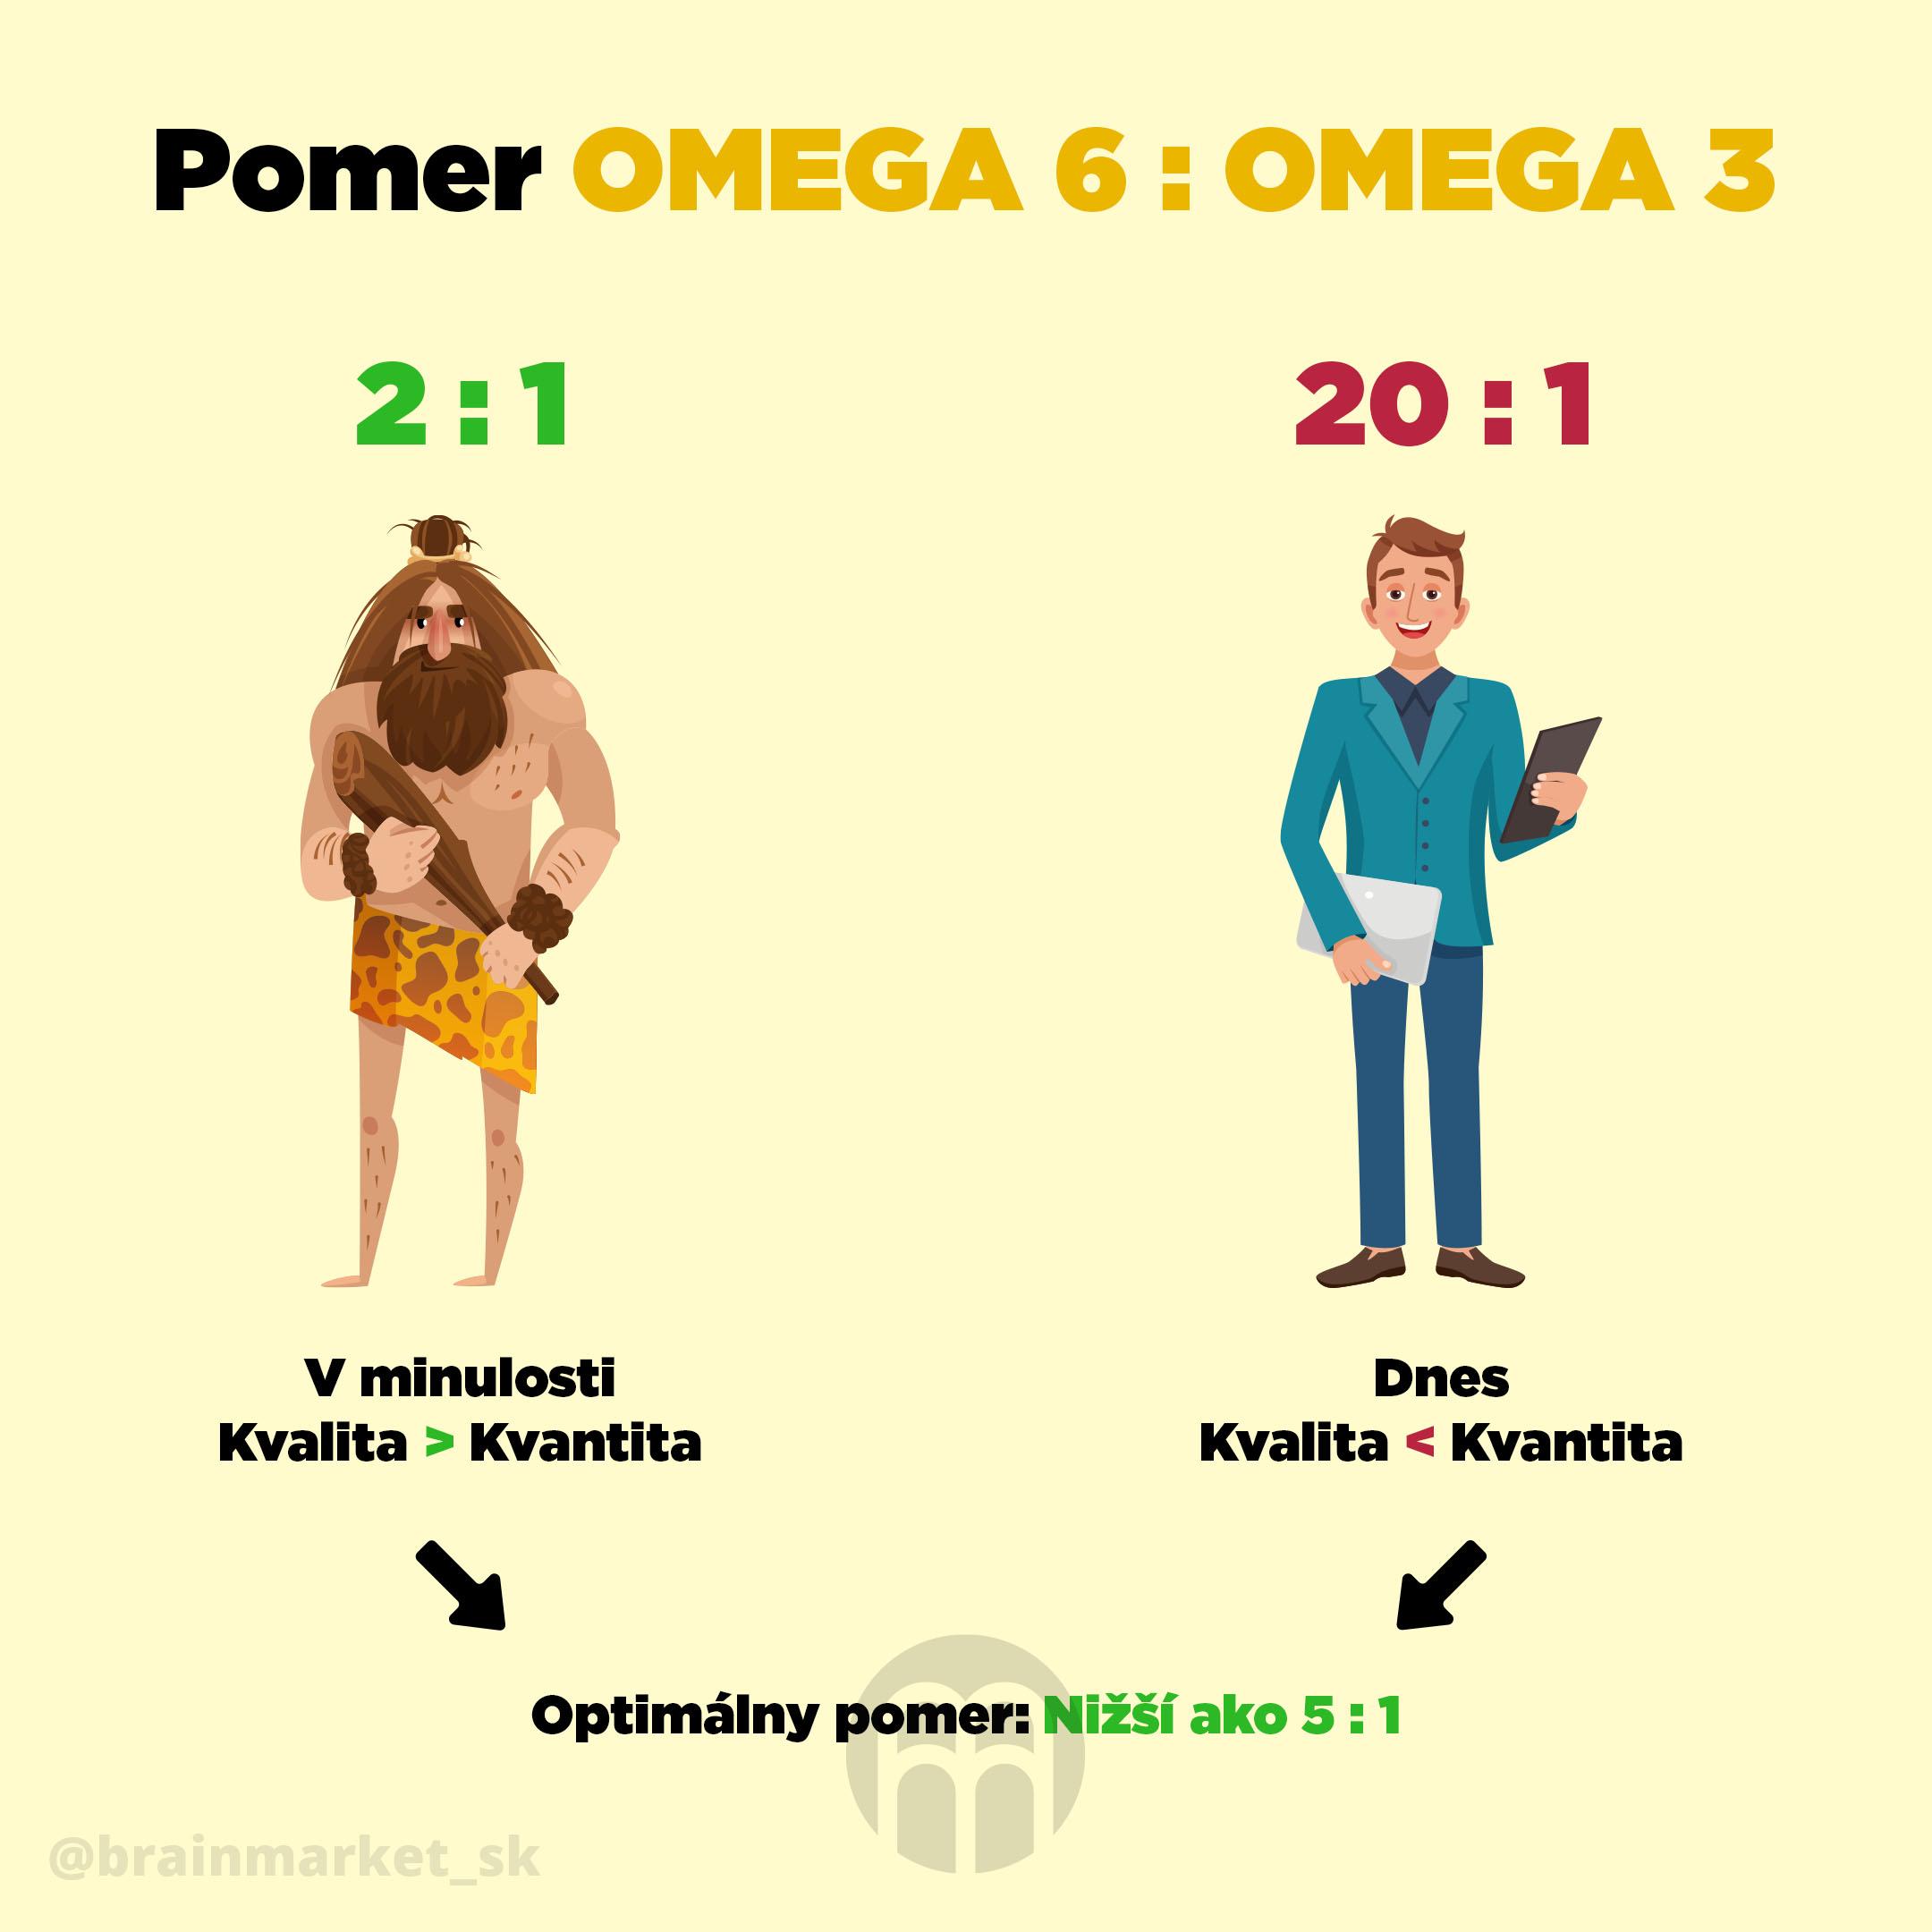 Pomer omega-6: 3 mastných kyselín, a prečo je nevyhnutný pre optimálne zdravie